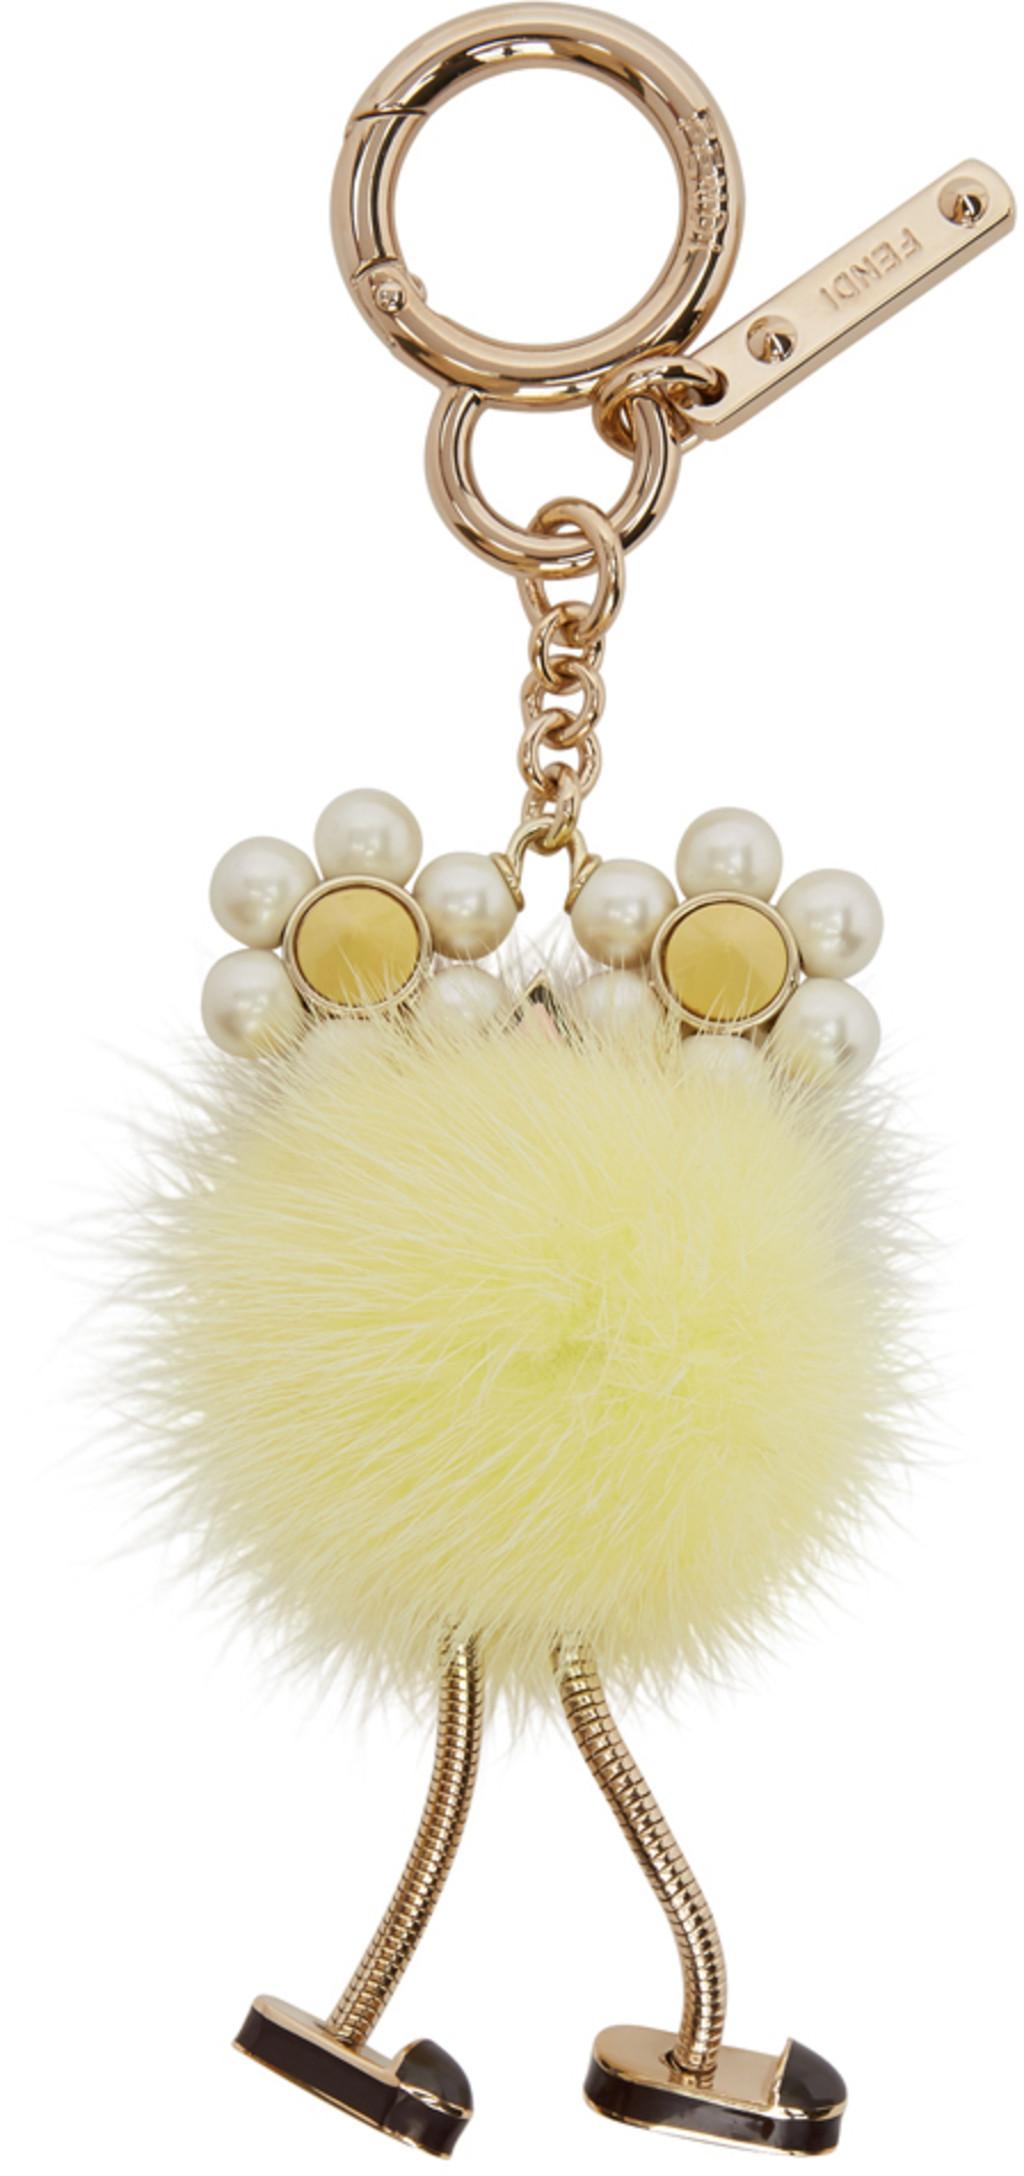 Perle Bleue Et Porte-clés De Poussin Fourrure Fendi cOcJJqy3